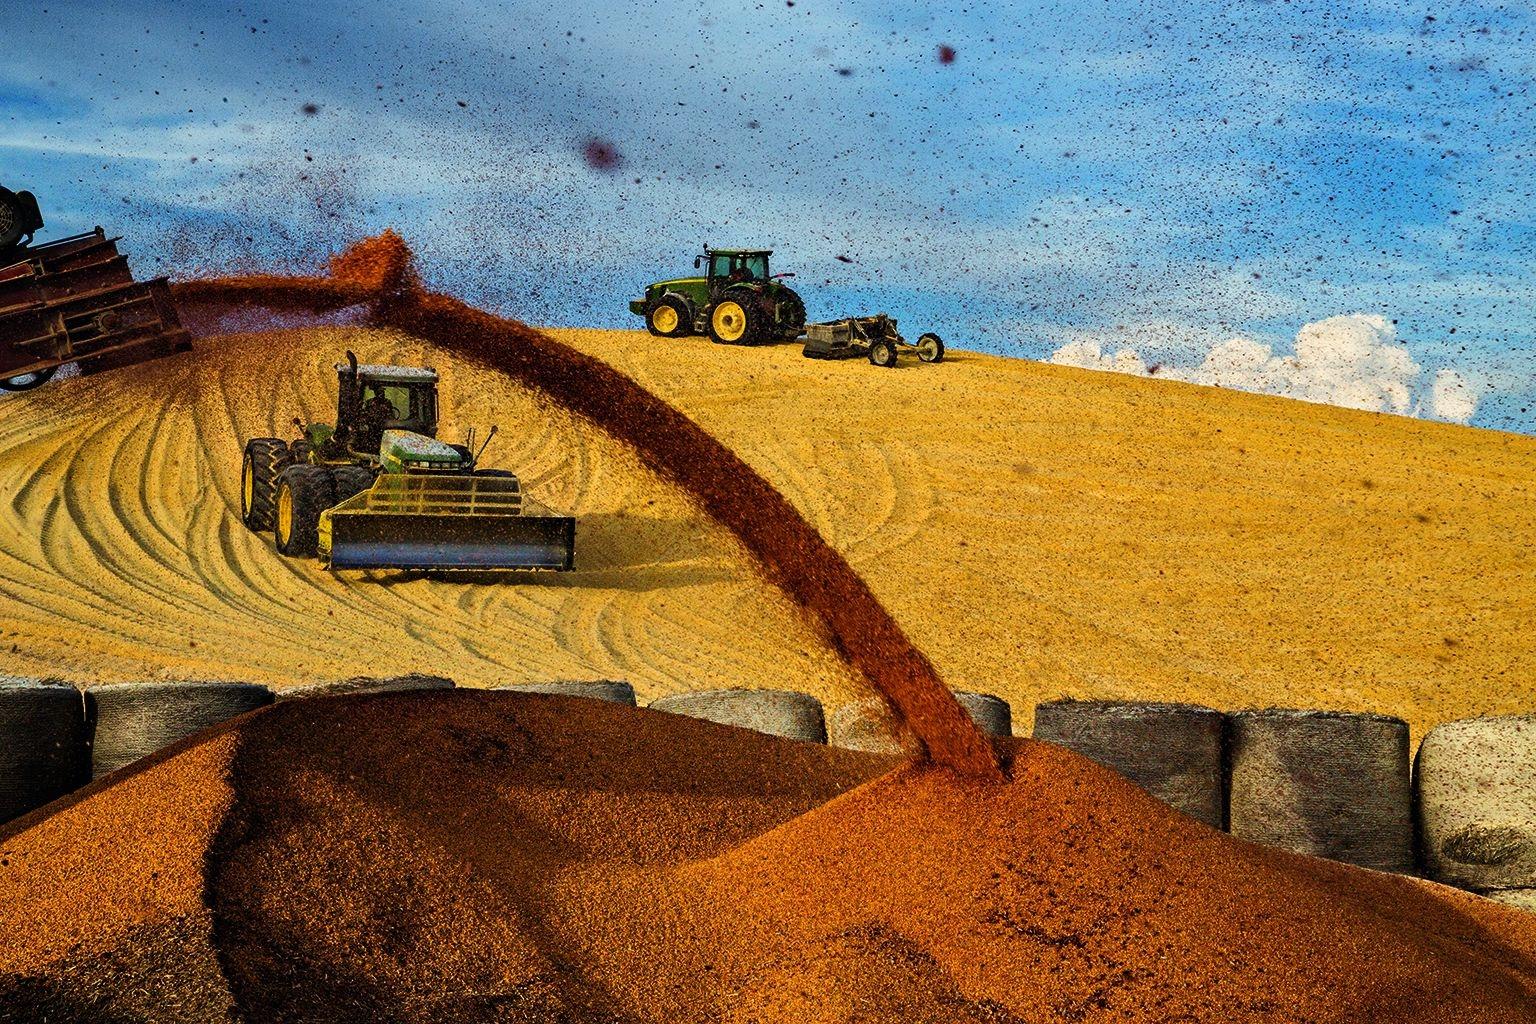 內布拉斯加州因匹里奧市的飼育場裡,拖拉機趕在風暴雲來臨前將玉米集中成一堆。玉米是一種需水量大的灌溉作物,該地區種植的玉米大多用於養肥畜牛。這個玉米堆最後會累積到90公尺長,重約13萬公噸,足以餵養5萬頭畜牛一整年。攝影:藍迪.奧森 Randy Olson